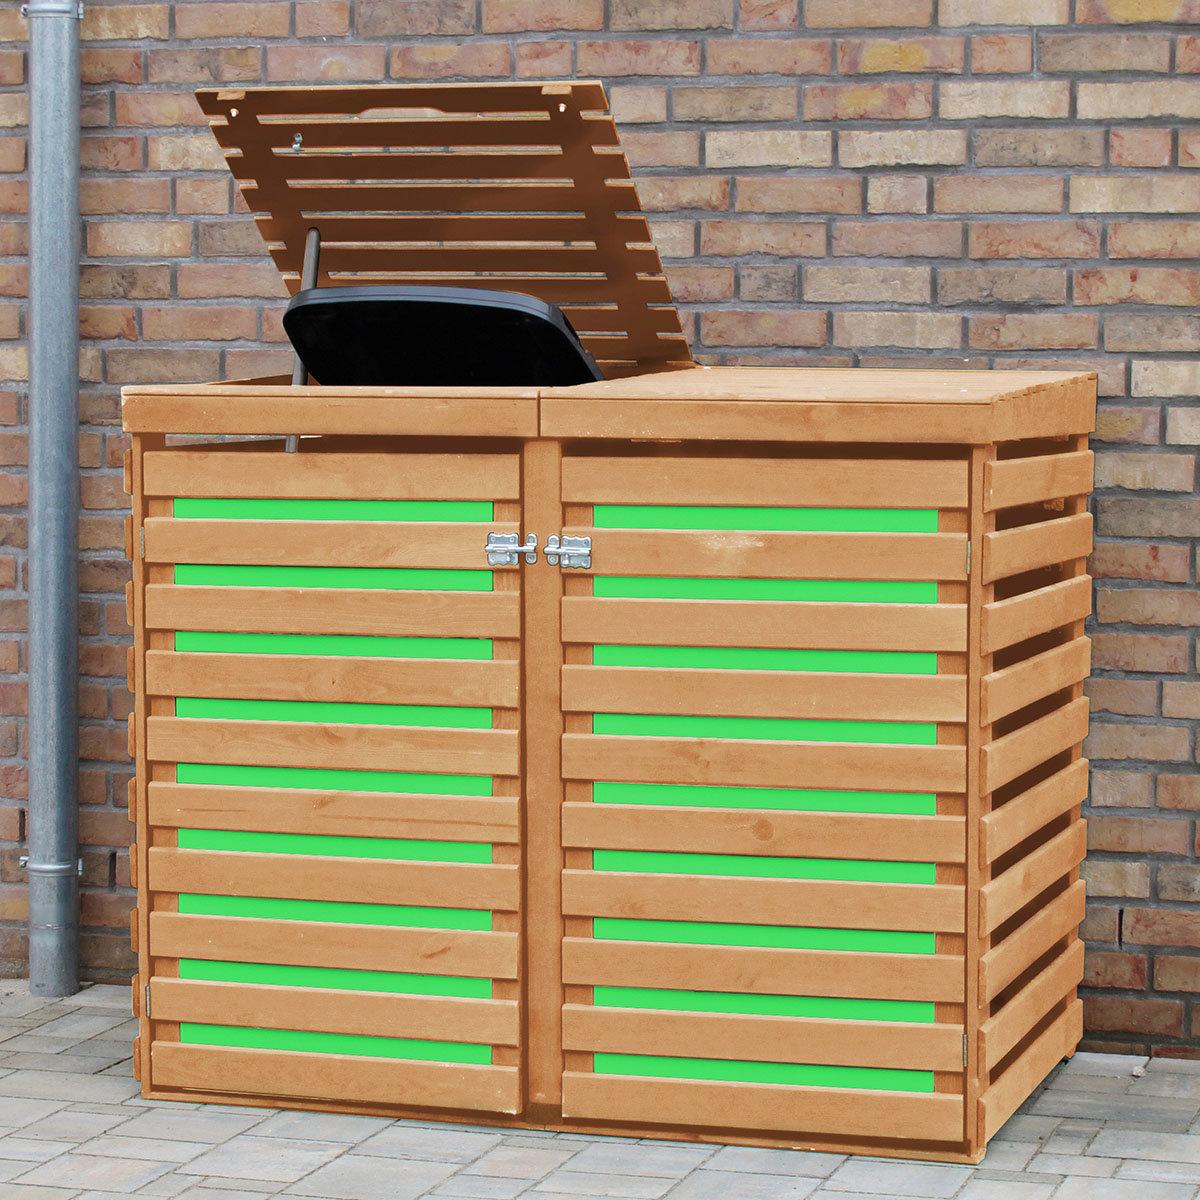 CYO Mülltonnendoppelbox Honigbraun-Grün